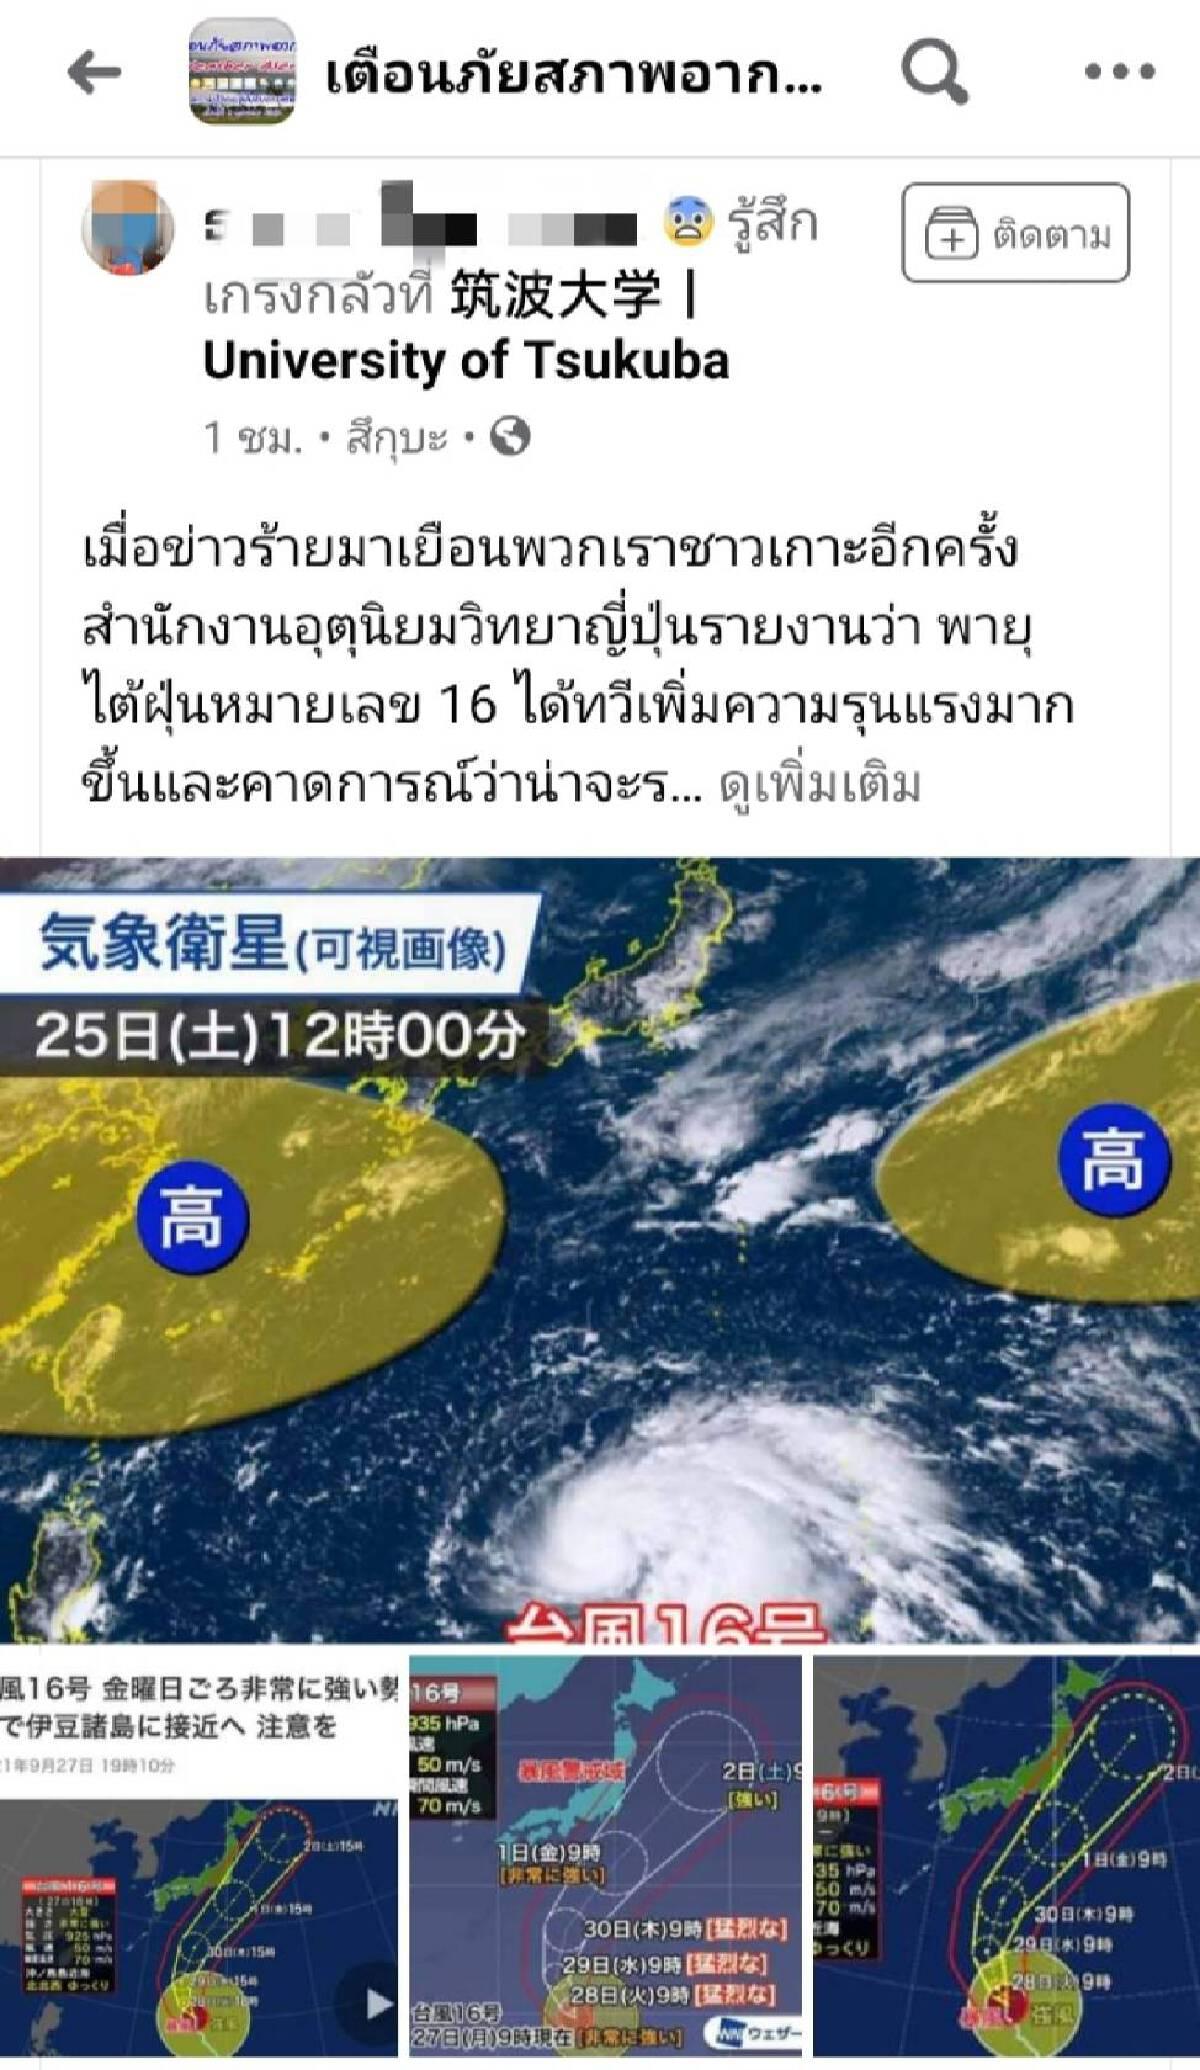 คนไทยผวา พายุไต้ฝุ่นหมายเลข 16